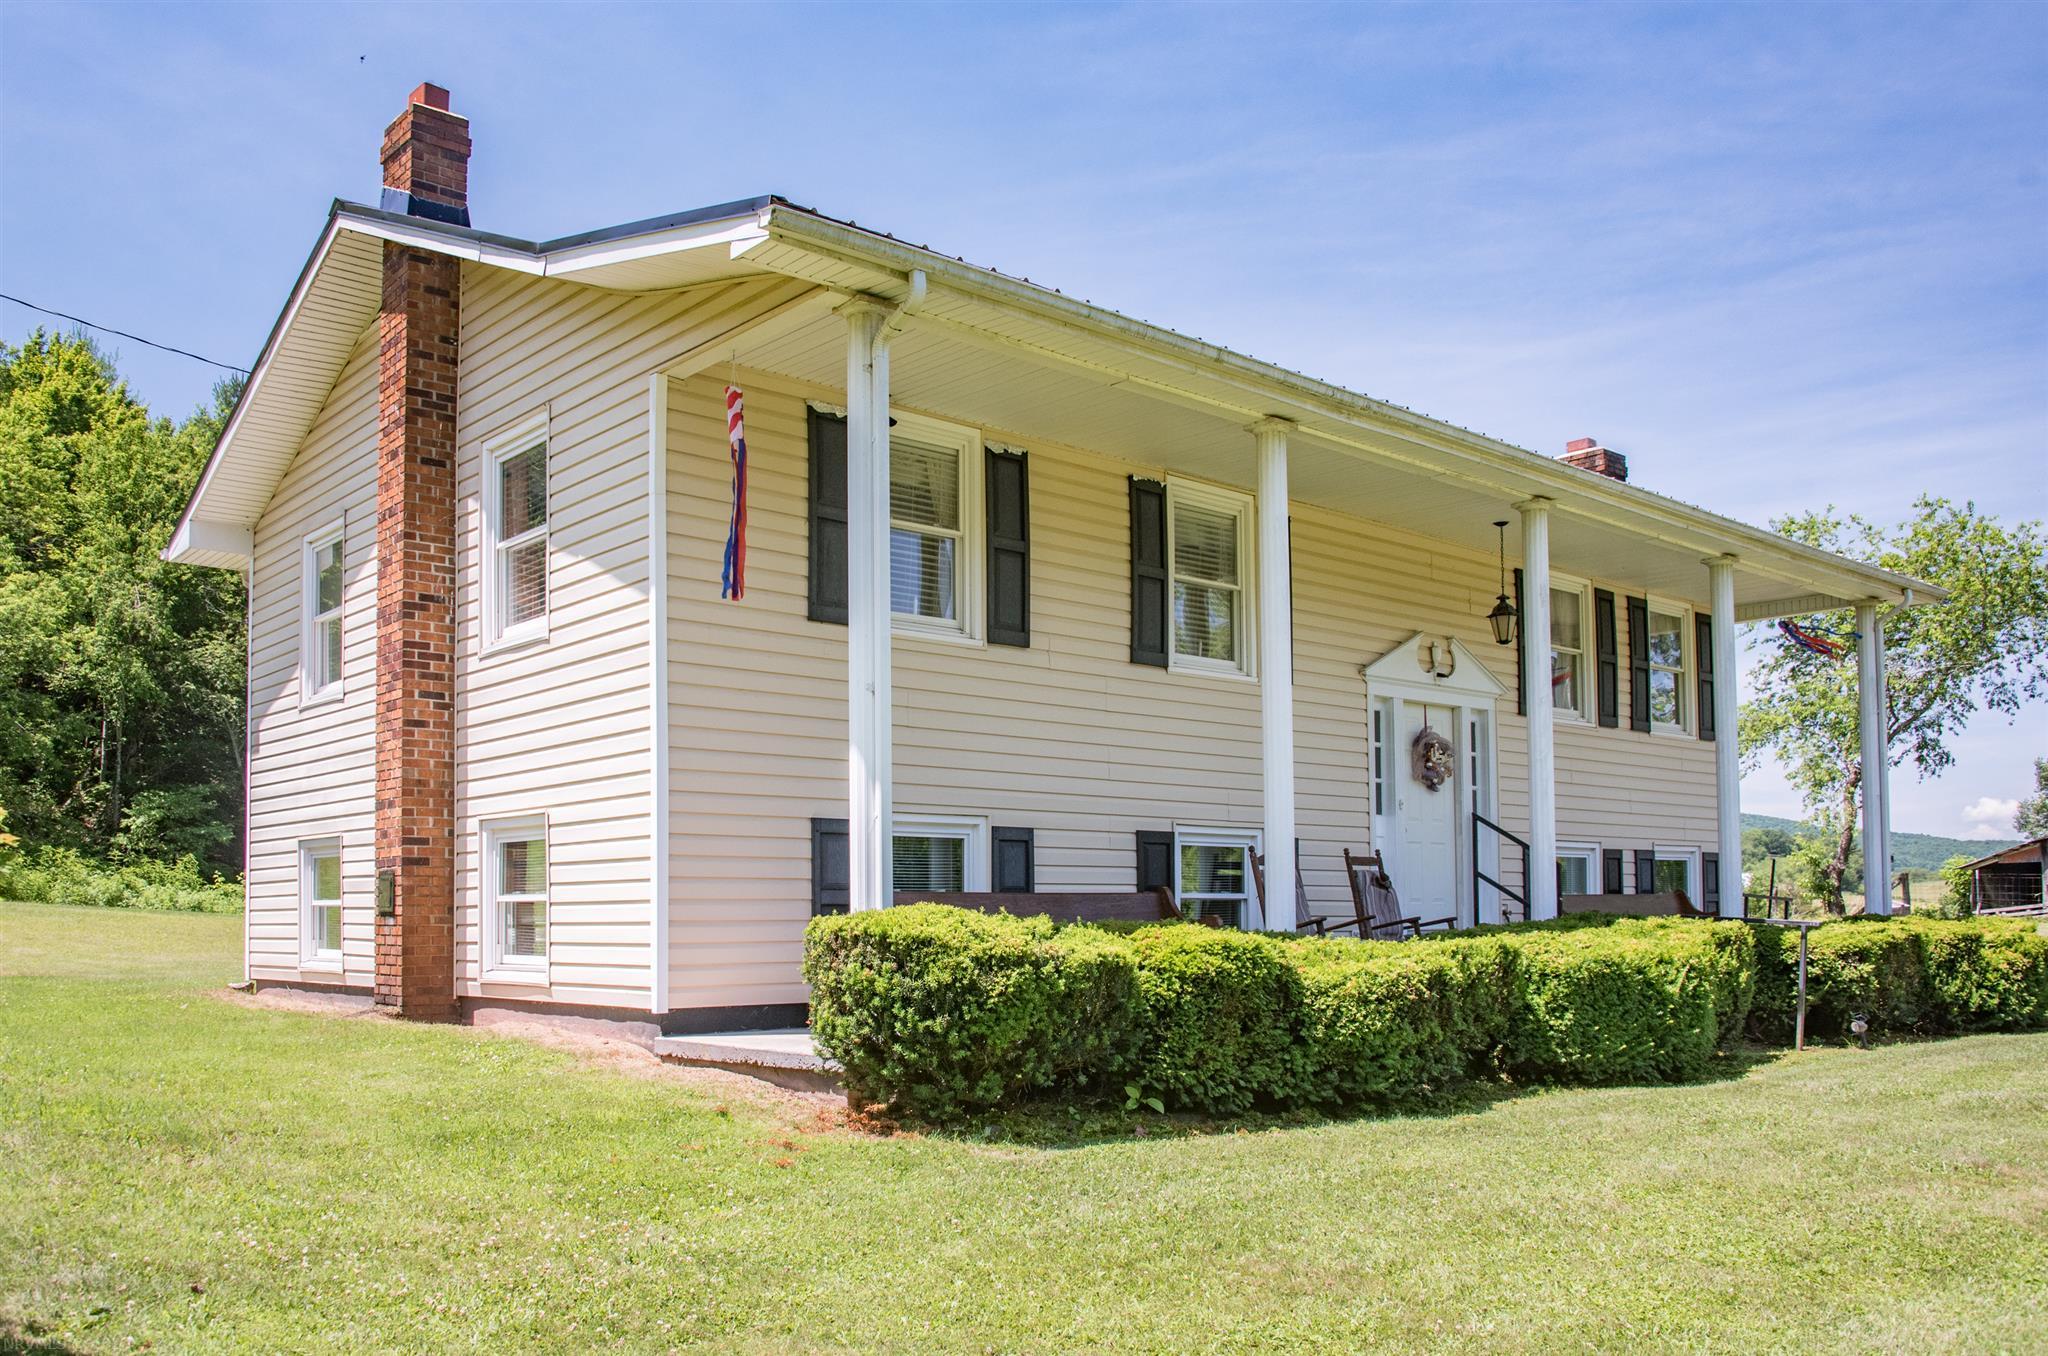 2047  Cline,  Rural Retreat, VA